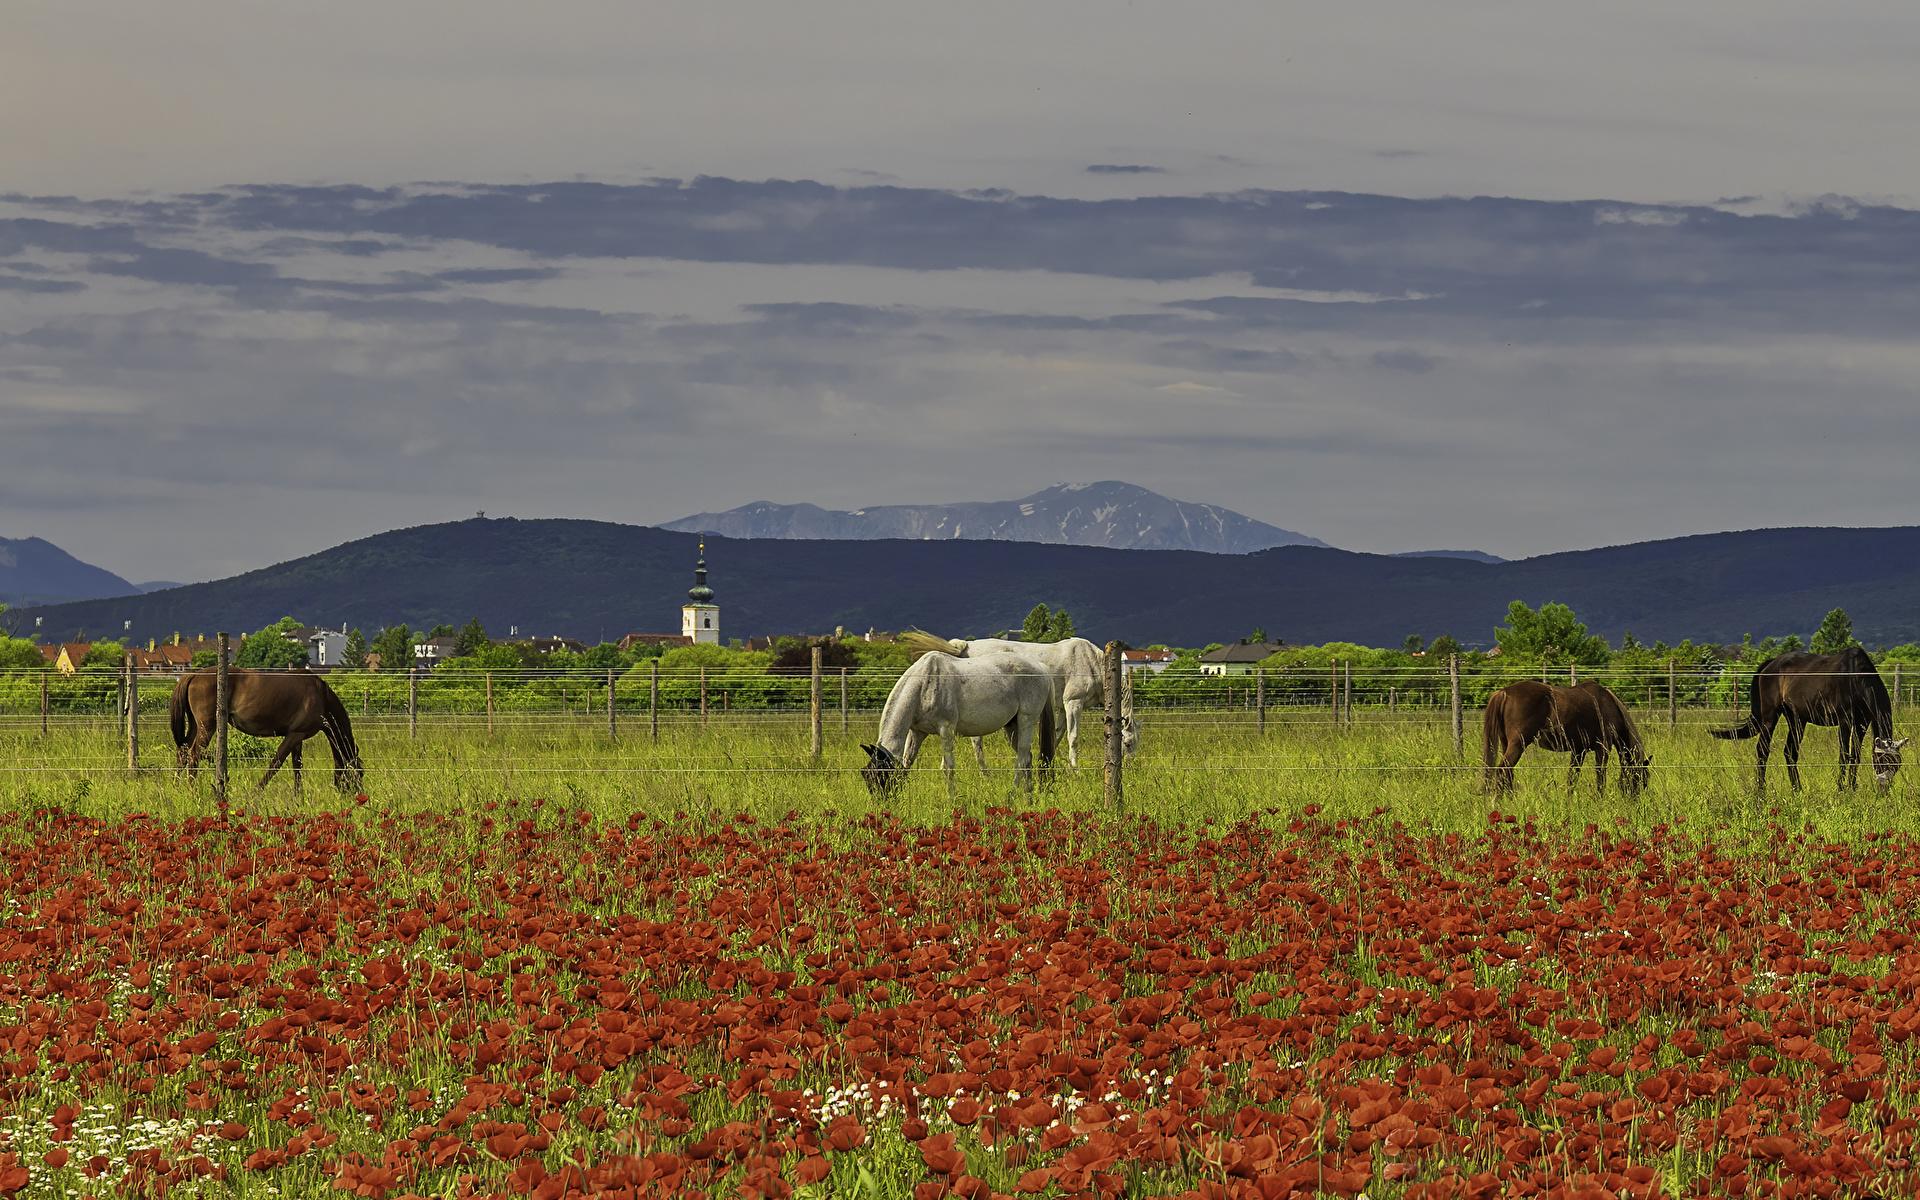 Фотография Лошади мак Поля ограда Животные 1920x1200 лошадь Маки Забор забора забором животное